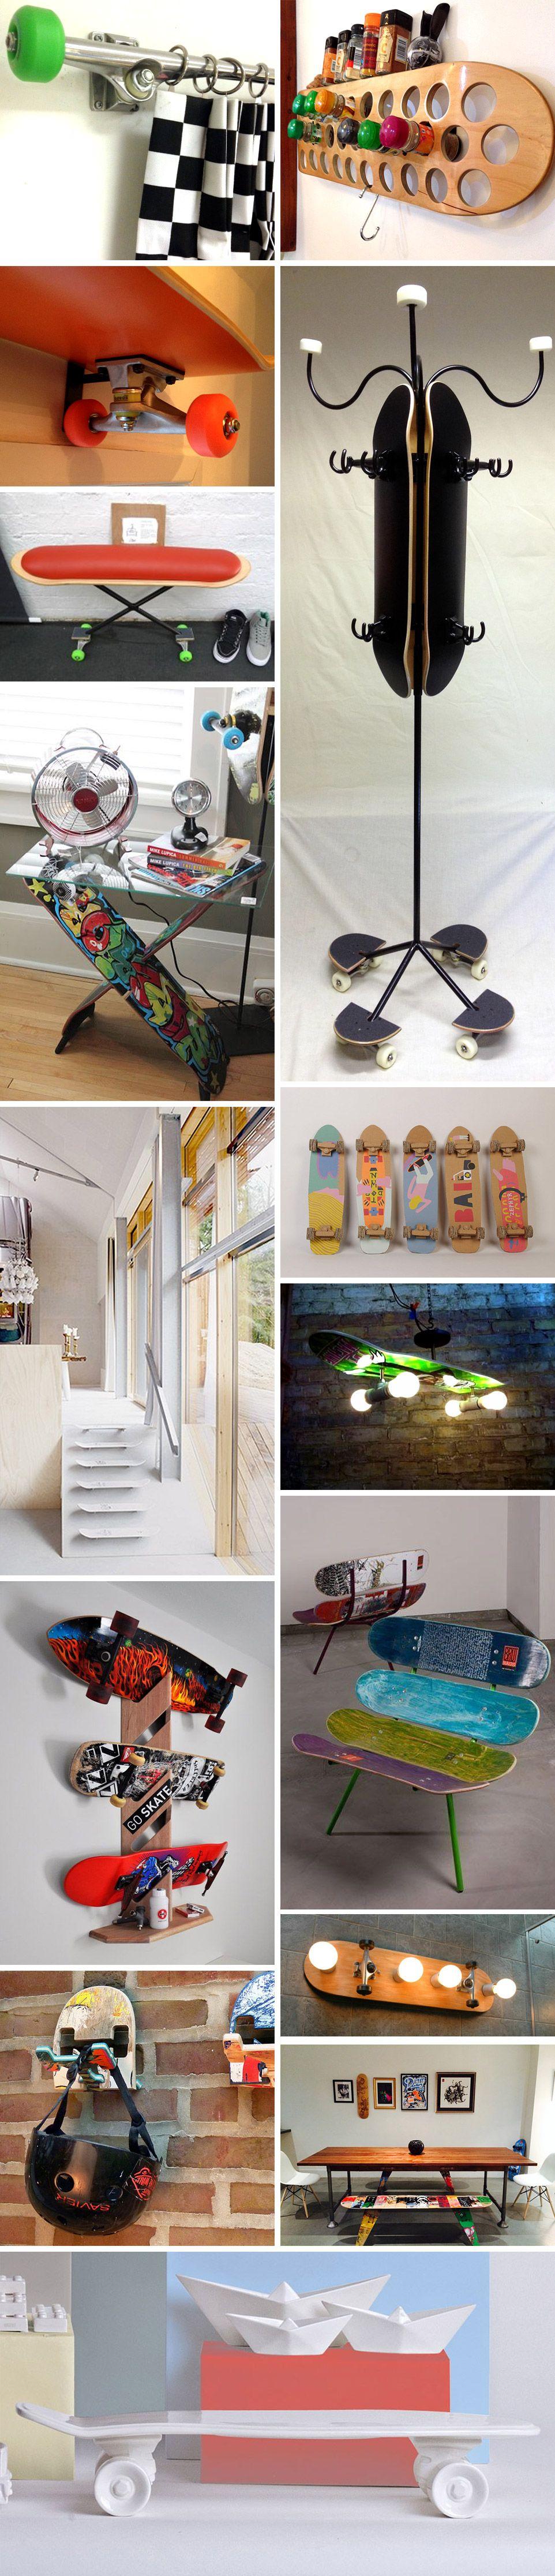 43 id es d co avec des planches de skateboard m bel jugendzimmer und kinderzimmer. Black Bedroom Furniture Sets. Home Design Ideas